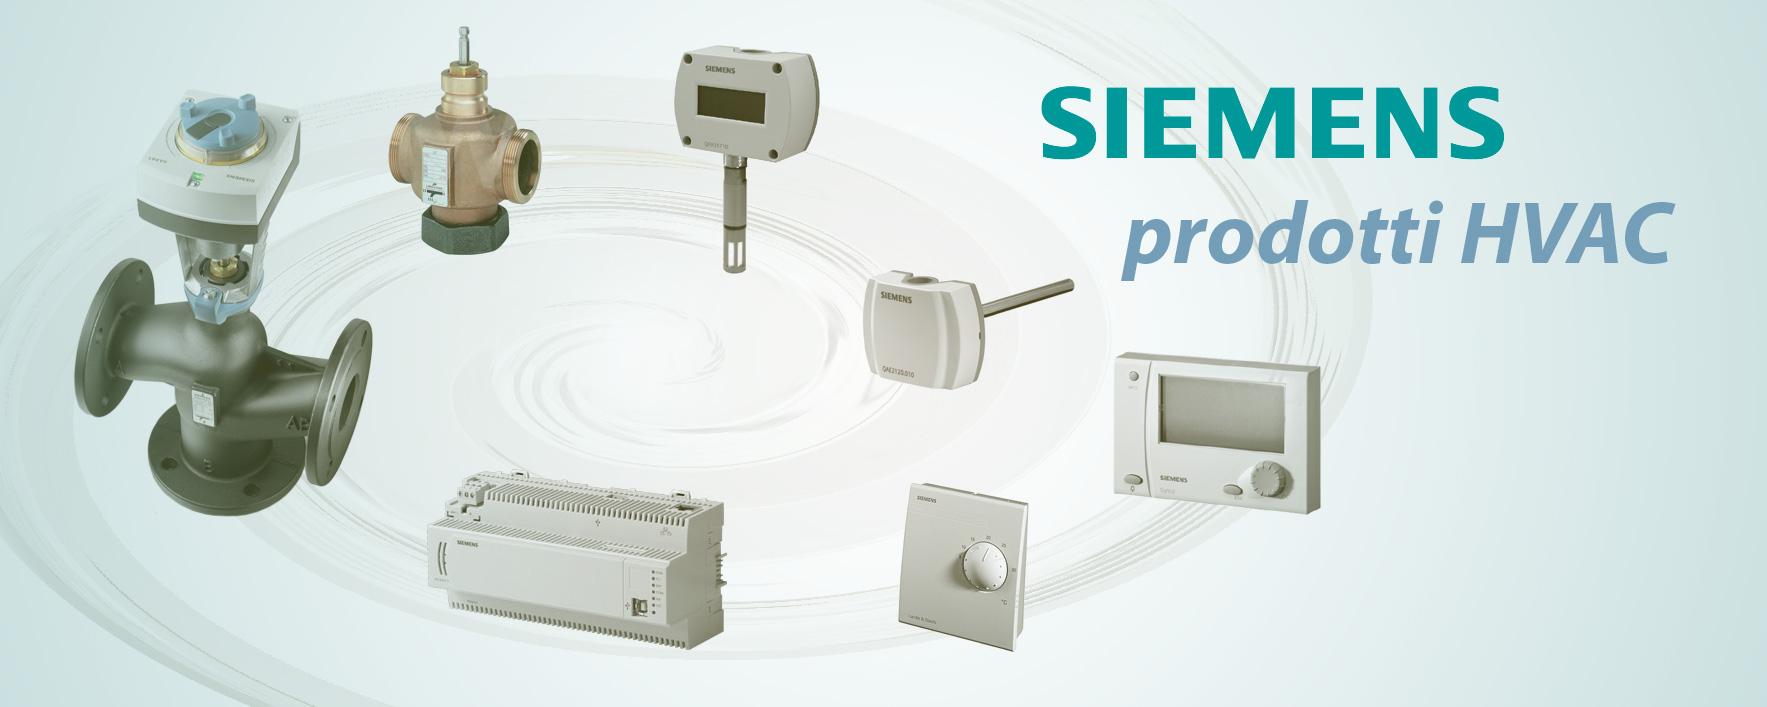 SIEMENS - Clicca per acquistare prodotti SIEMENS